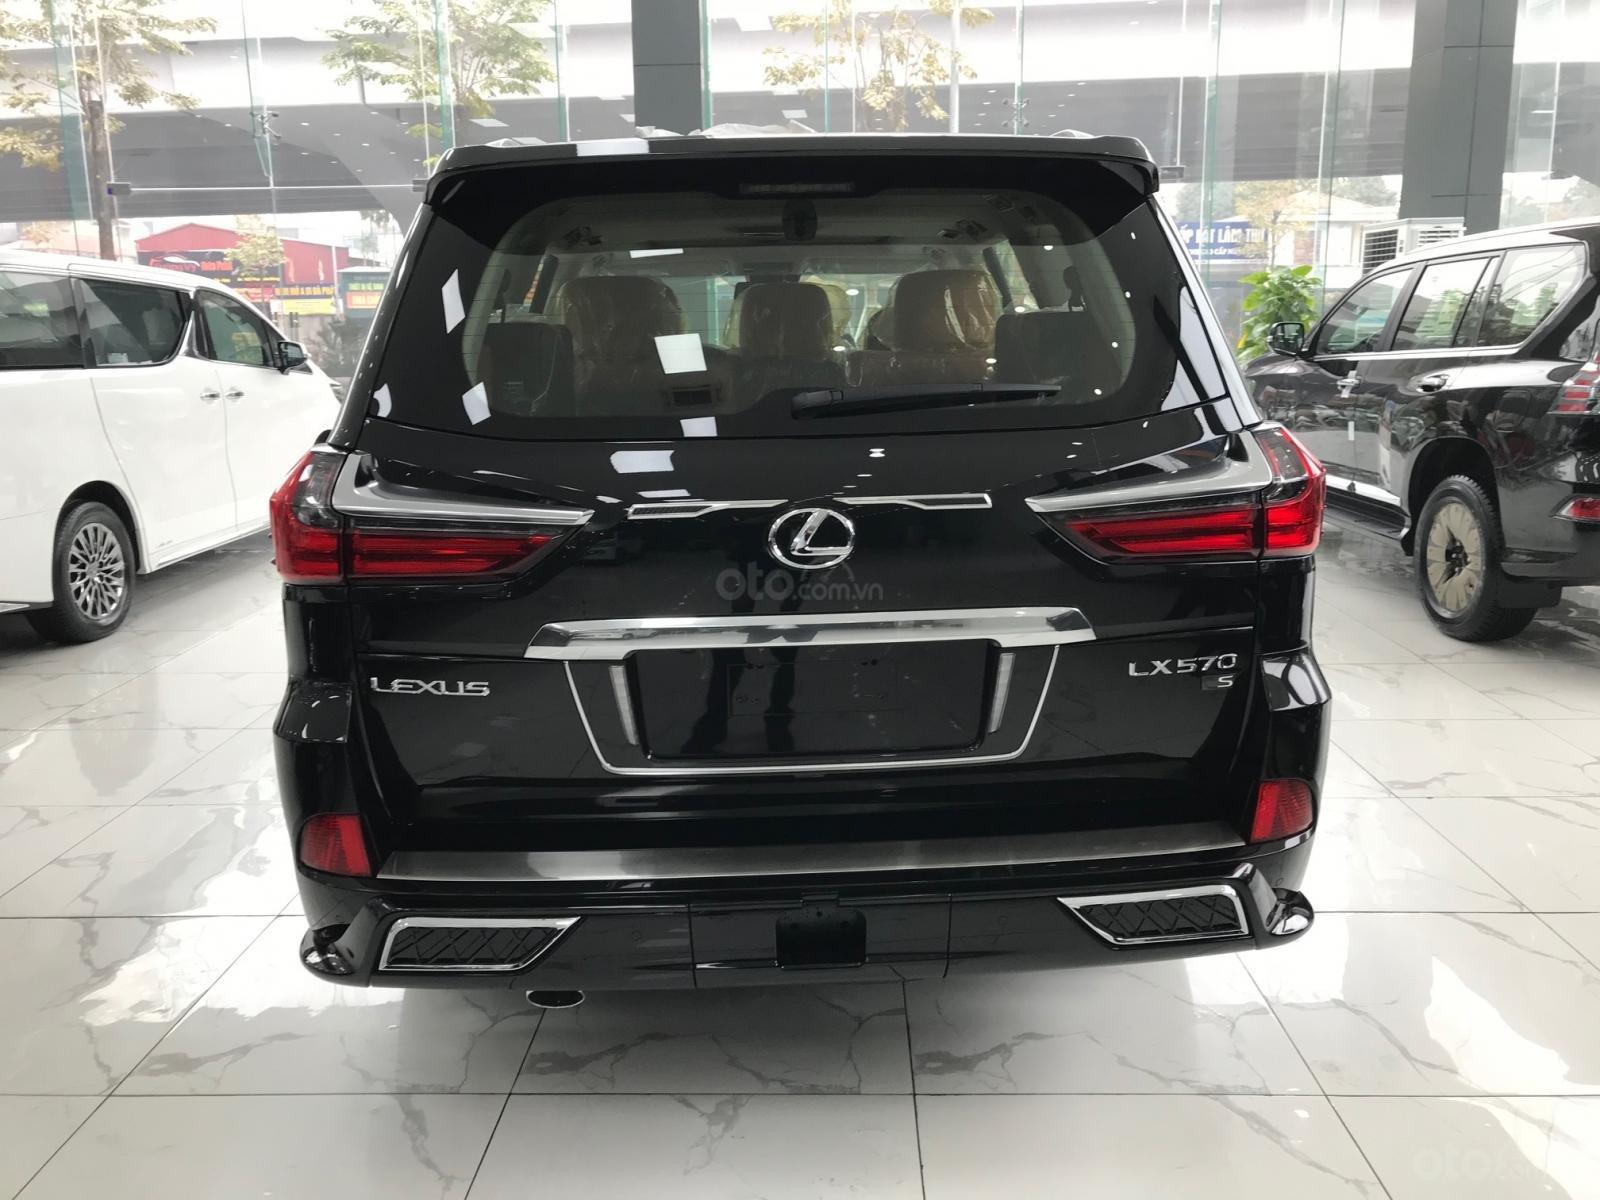 Giao ngay Lexus LX570 Super Sport S 2021 màu đen, duy nhất một chiếc (5)